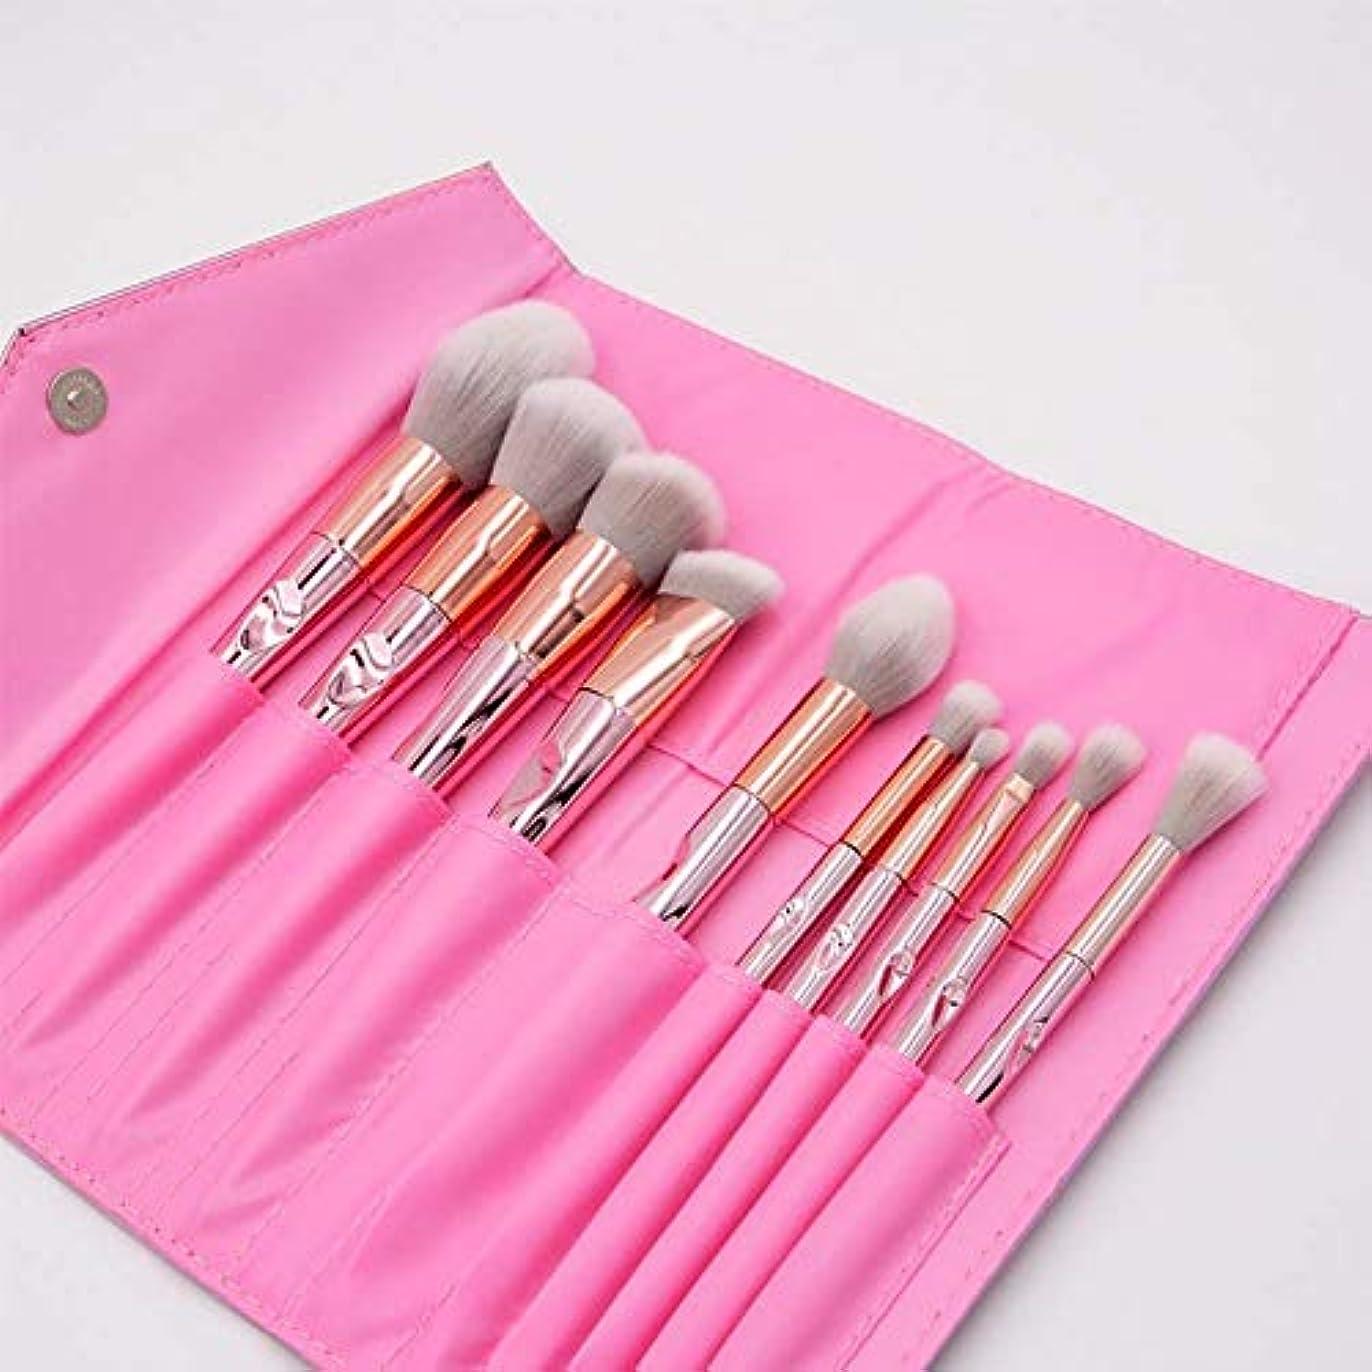 ヘリコプターうんドアミラー化粧ブラシ、プロの合成ビーガンメイクアップブラシファンデーションブラッシュアイライナーアイシャドウ化粧ブラシセット化粧品袋付き(10個、ピンク)